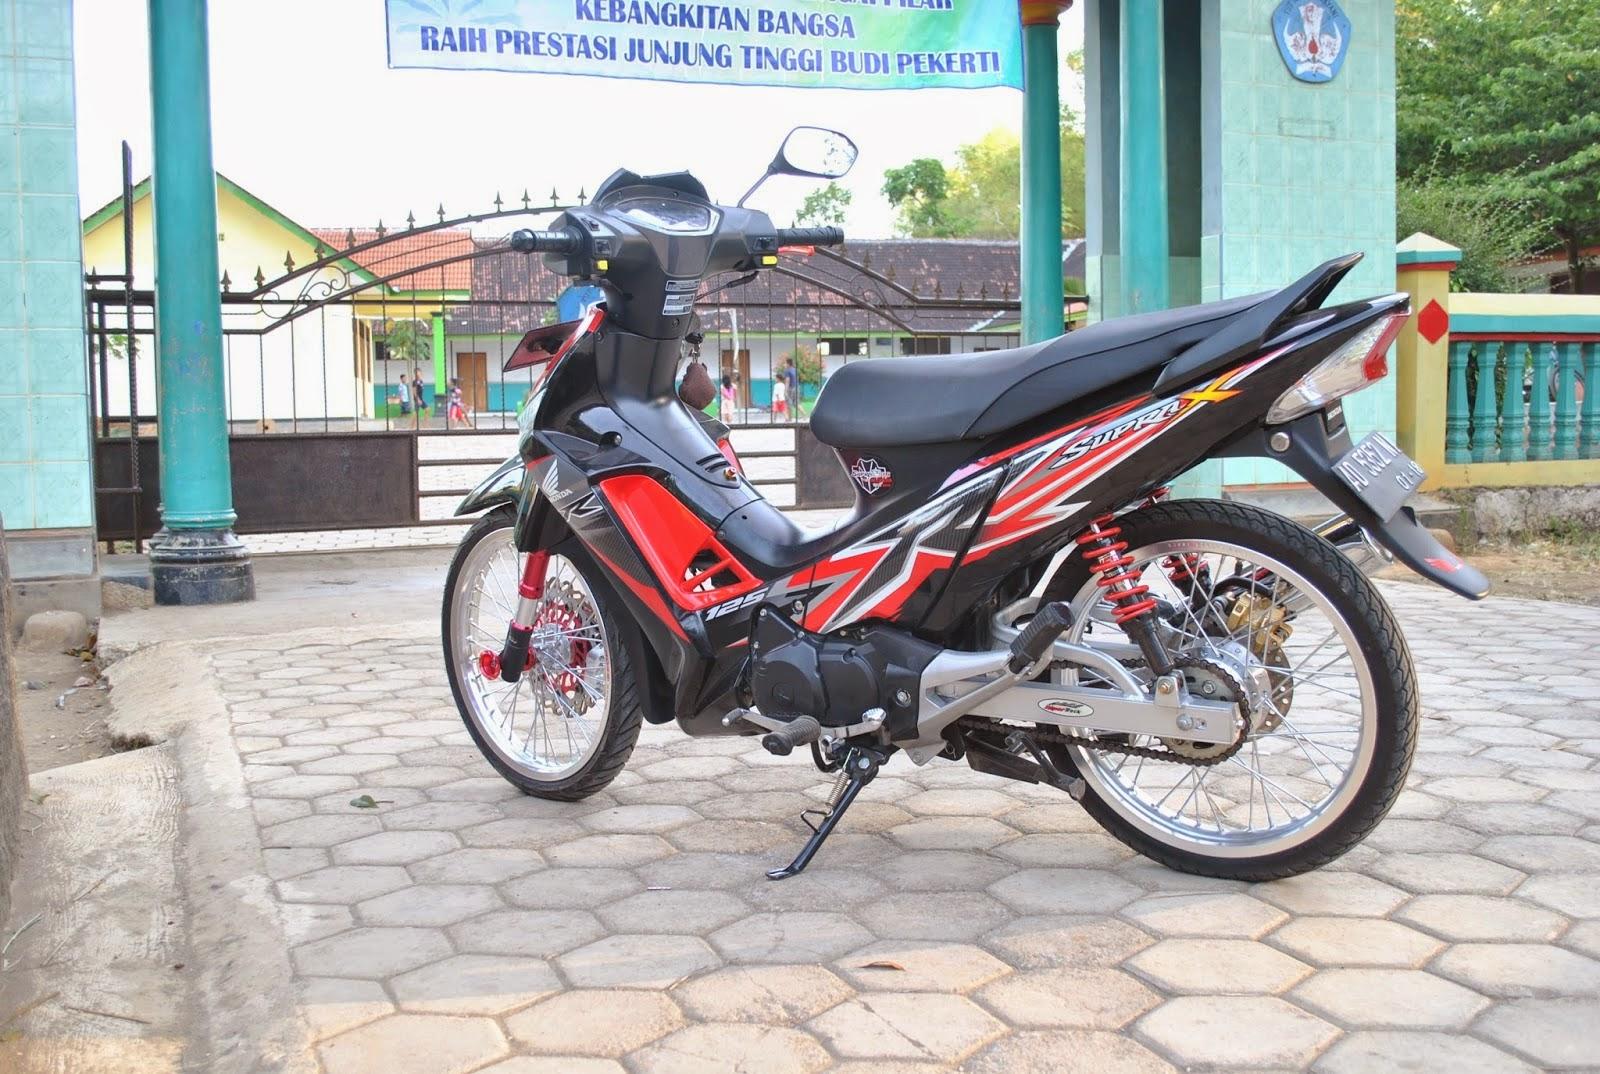 91 Modifikasi Motor Supra X 125 Tahun 2012 Terlengkap Kumbara Modif